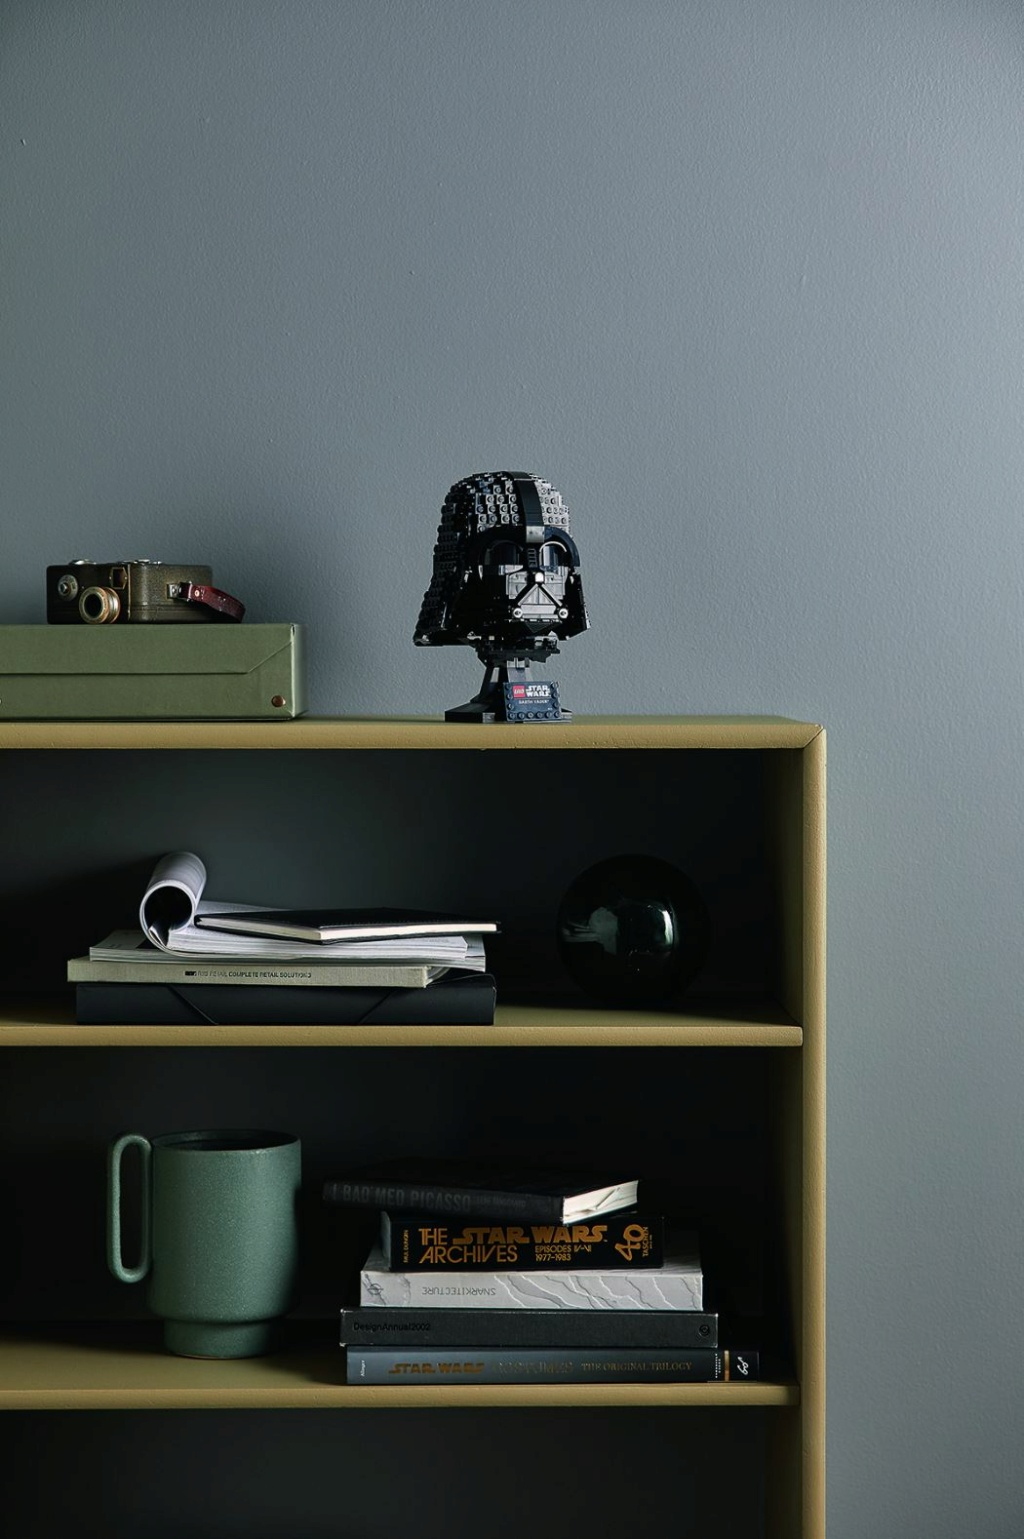 Lego Star Wars - 75304 - Darth Vader Helmet 75304_14